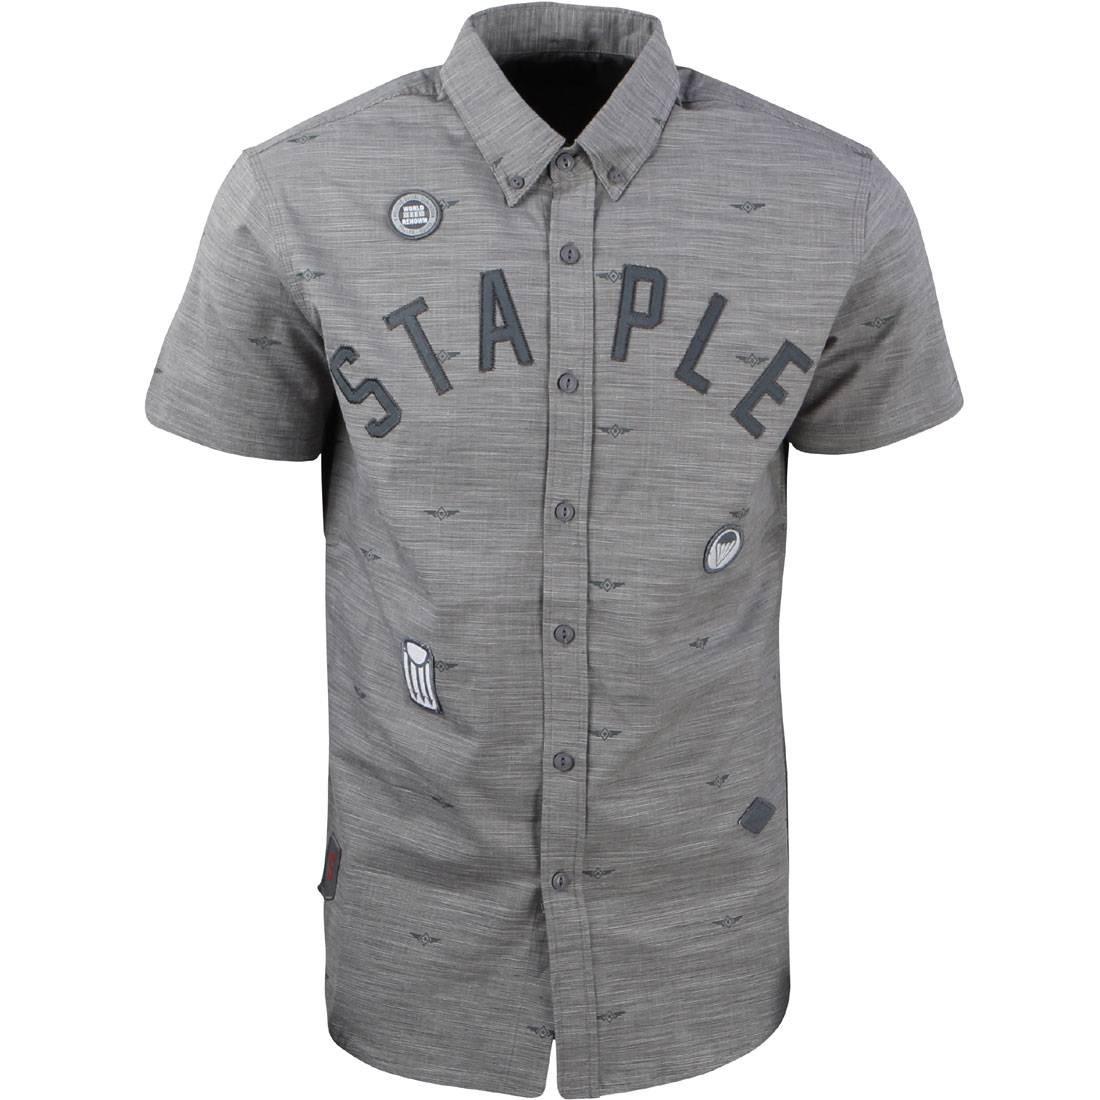 【海外限定】ウーブン カジュアルシャツ メンズファッション 【 WOVEN STAPLE MEN DEBRIS PATCH SHIRT GRAY 】【送料無料】